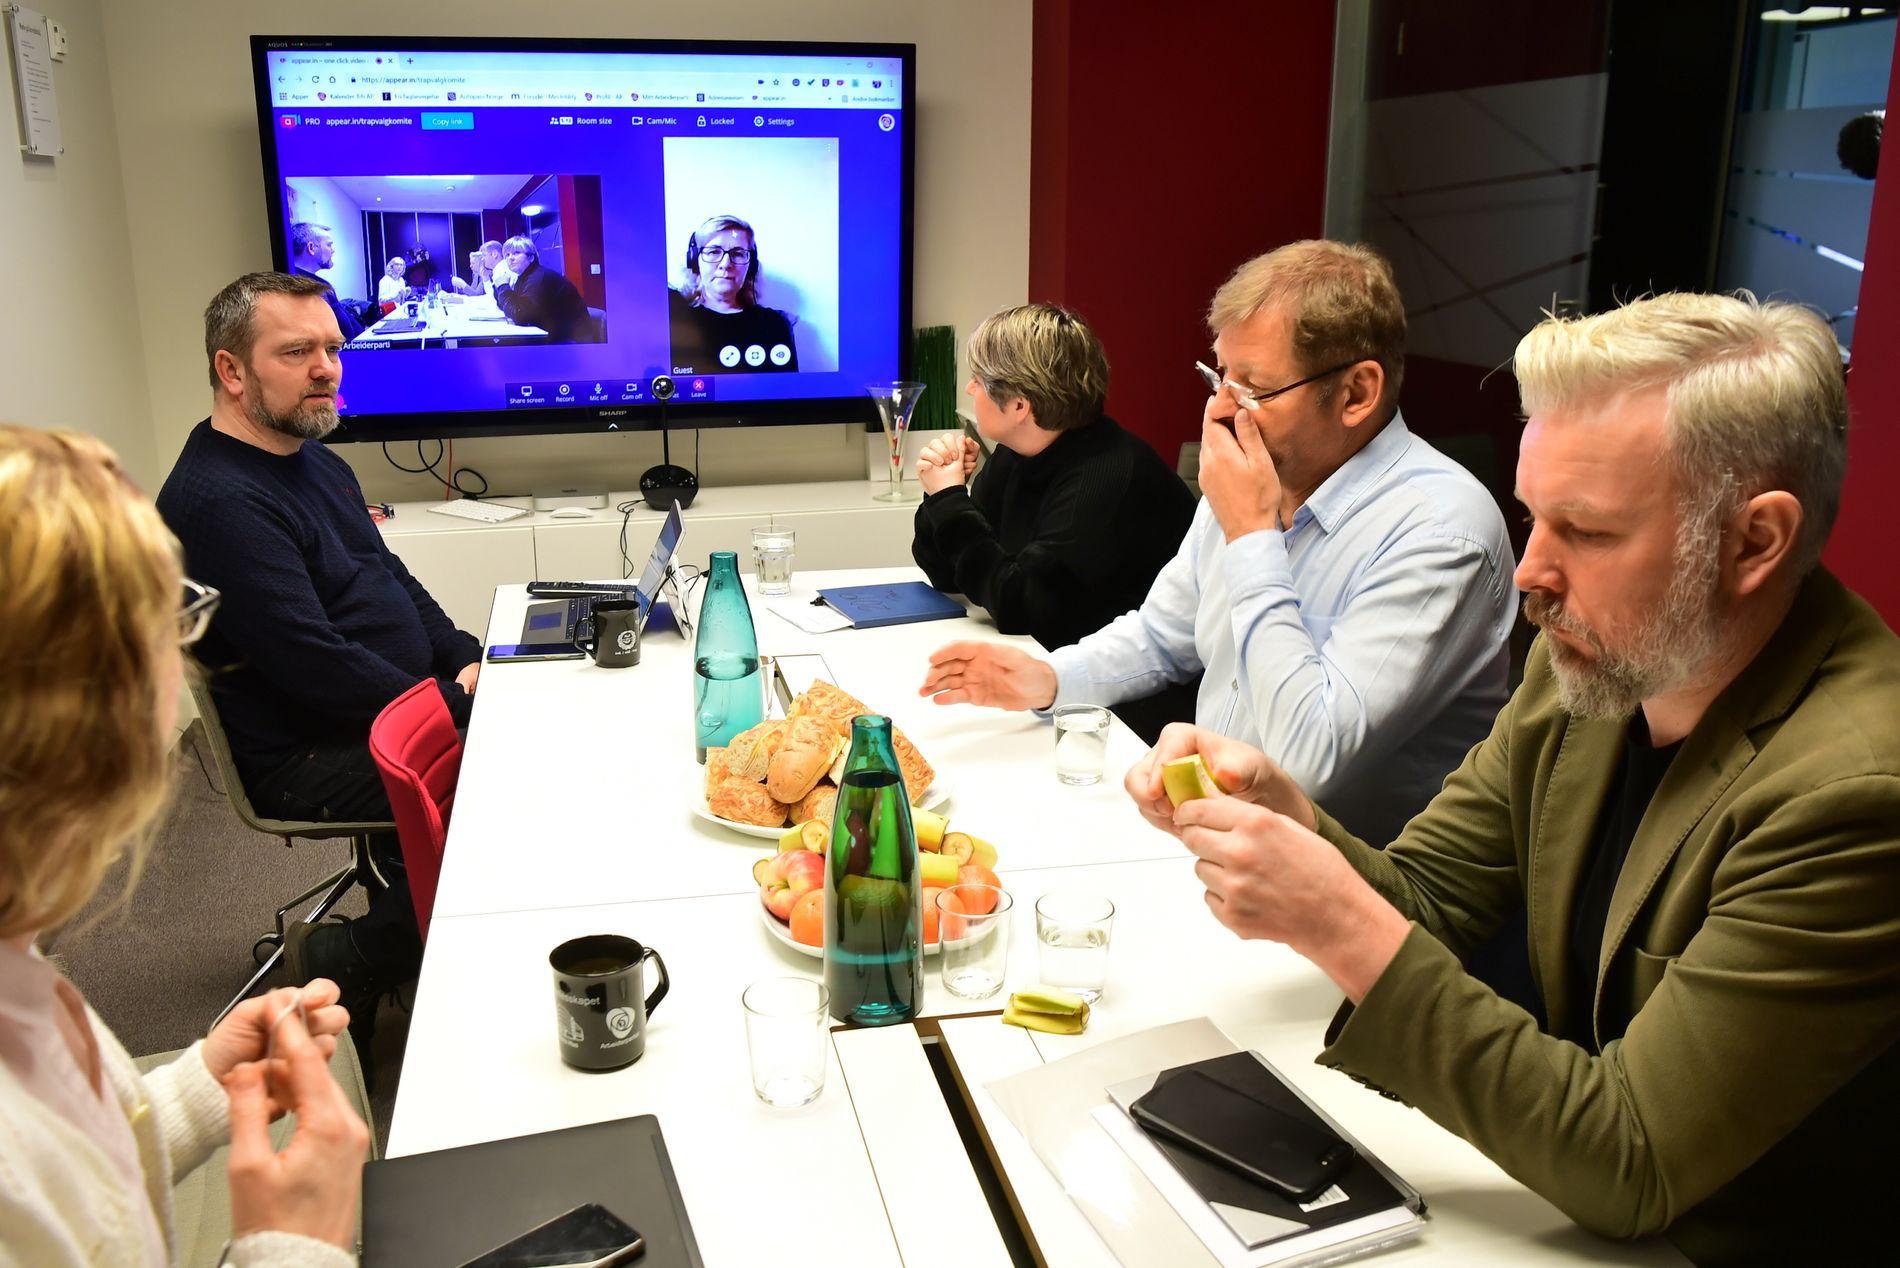 MØTET I GANG: Her er valgkomiteen samlet på møterommet. På skjermen er komitémedlem Inger-Marit Eira-Åhren med på videosamtale.